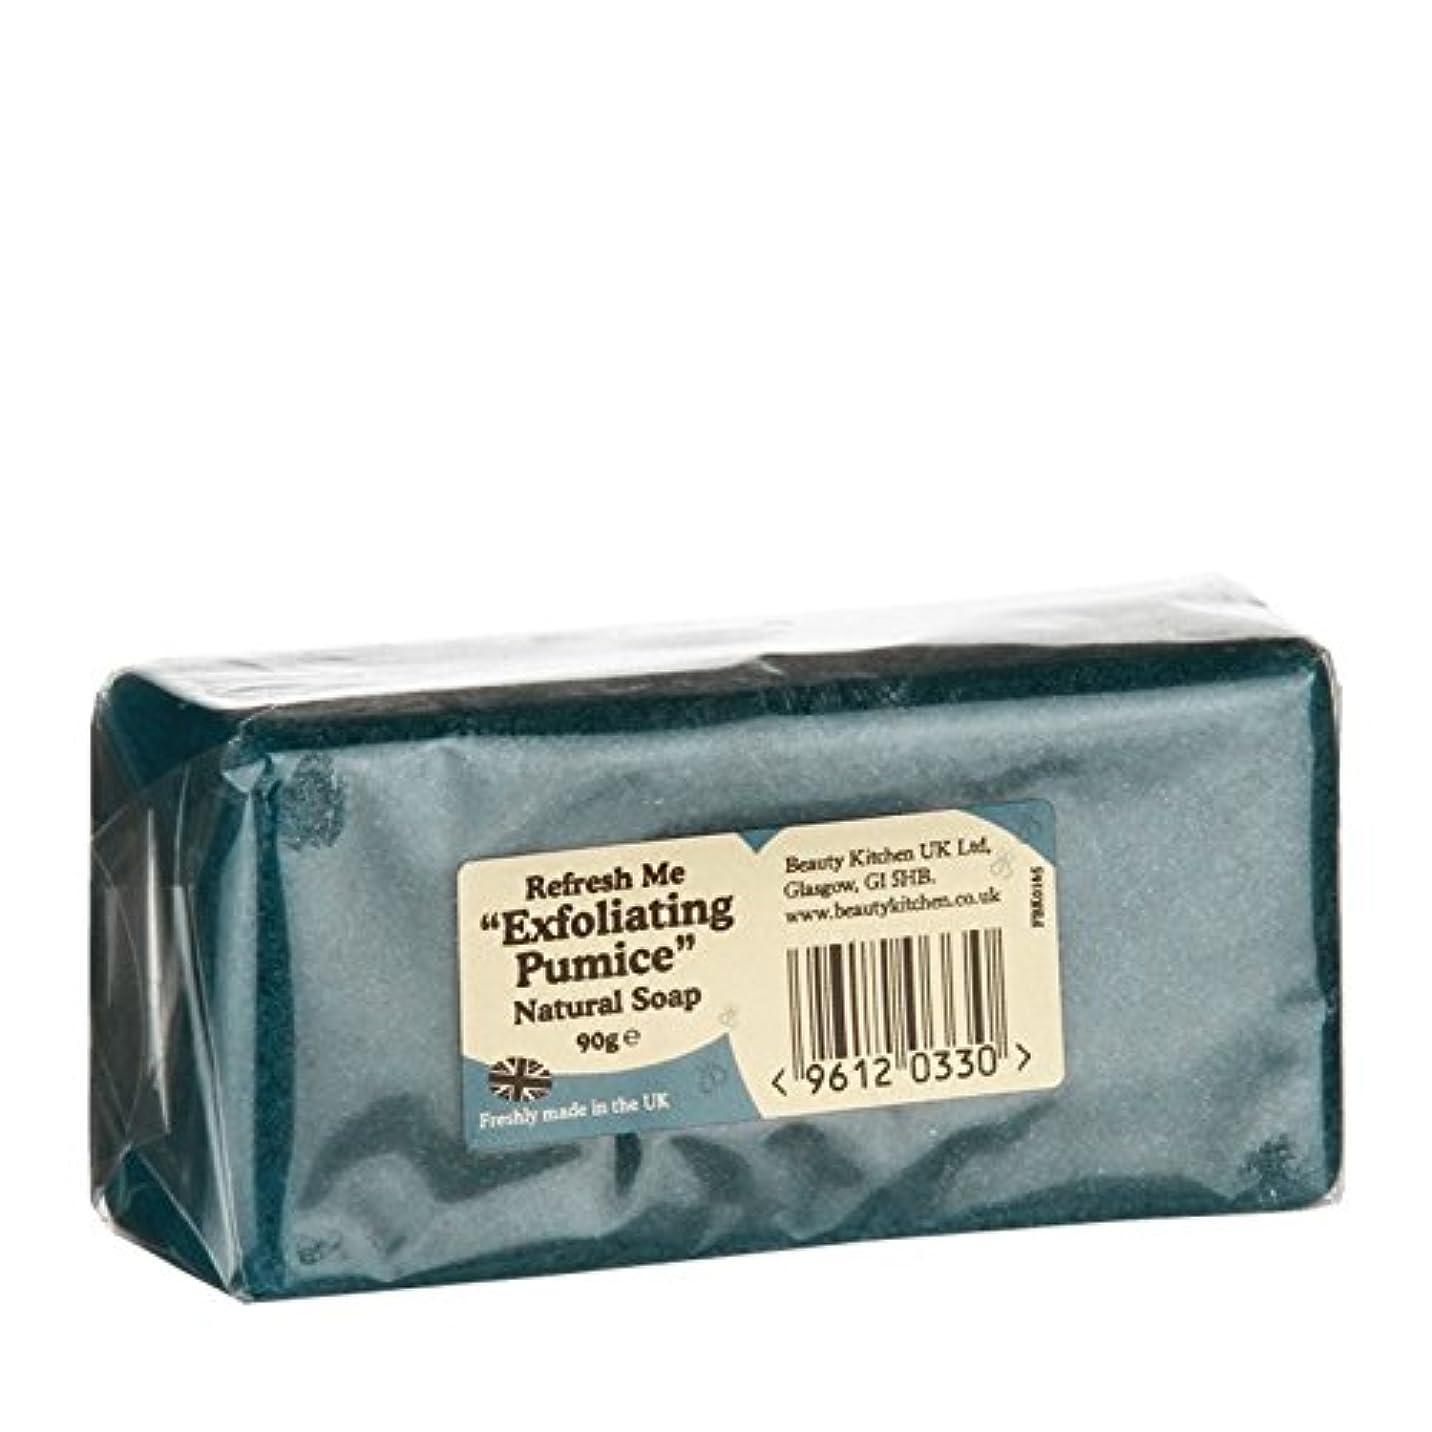 ハブブ召集する脅かすBeauty Kitchen Refresh Me Exfoliating Pumice Natural Soap 90g (Pack of 6) - 美しさのキッチンは、軽石の天然石鹸90グラムを剥離私をリフレッシュ (x6) [並行輸入品]